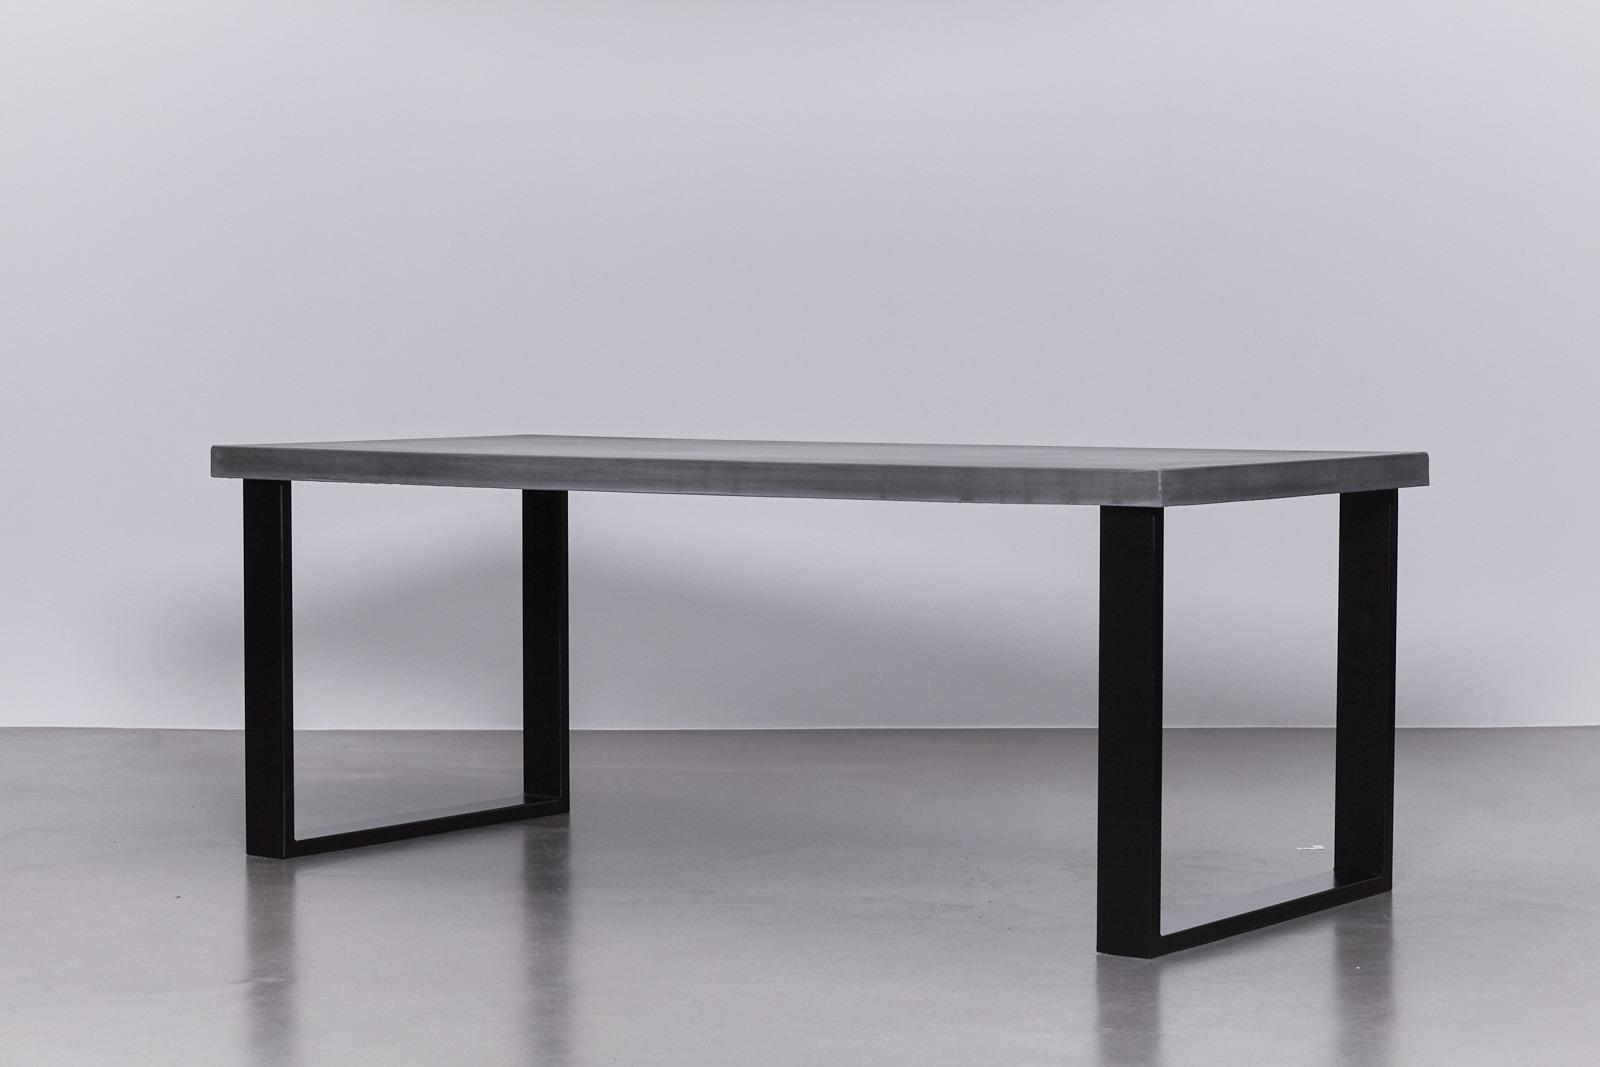 Metalen Onderstel Tafel : Eettafels laten maken interieur timmerwerken schomaker houten